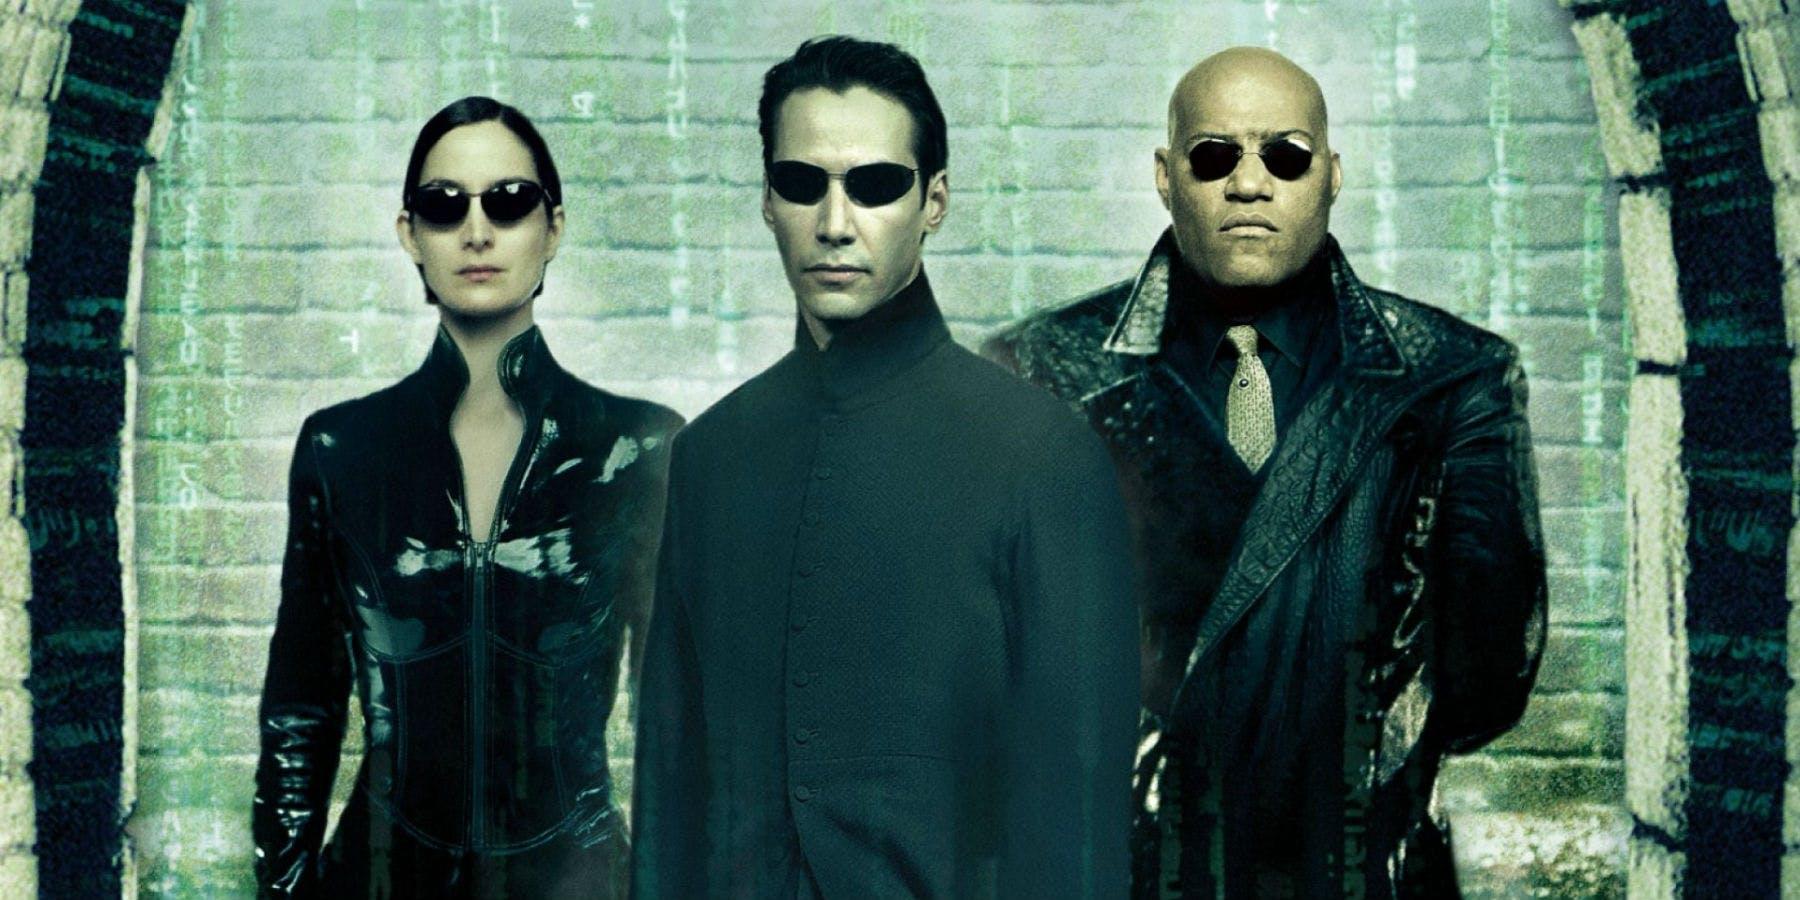 Photo of En 'Matrix 4' veremos a la versión joven del personaje Neo